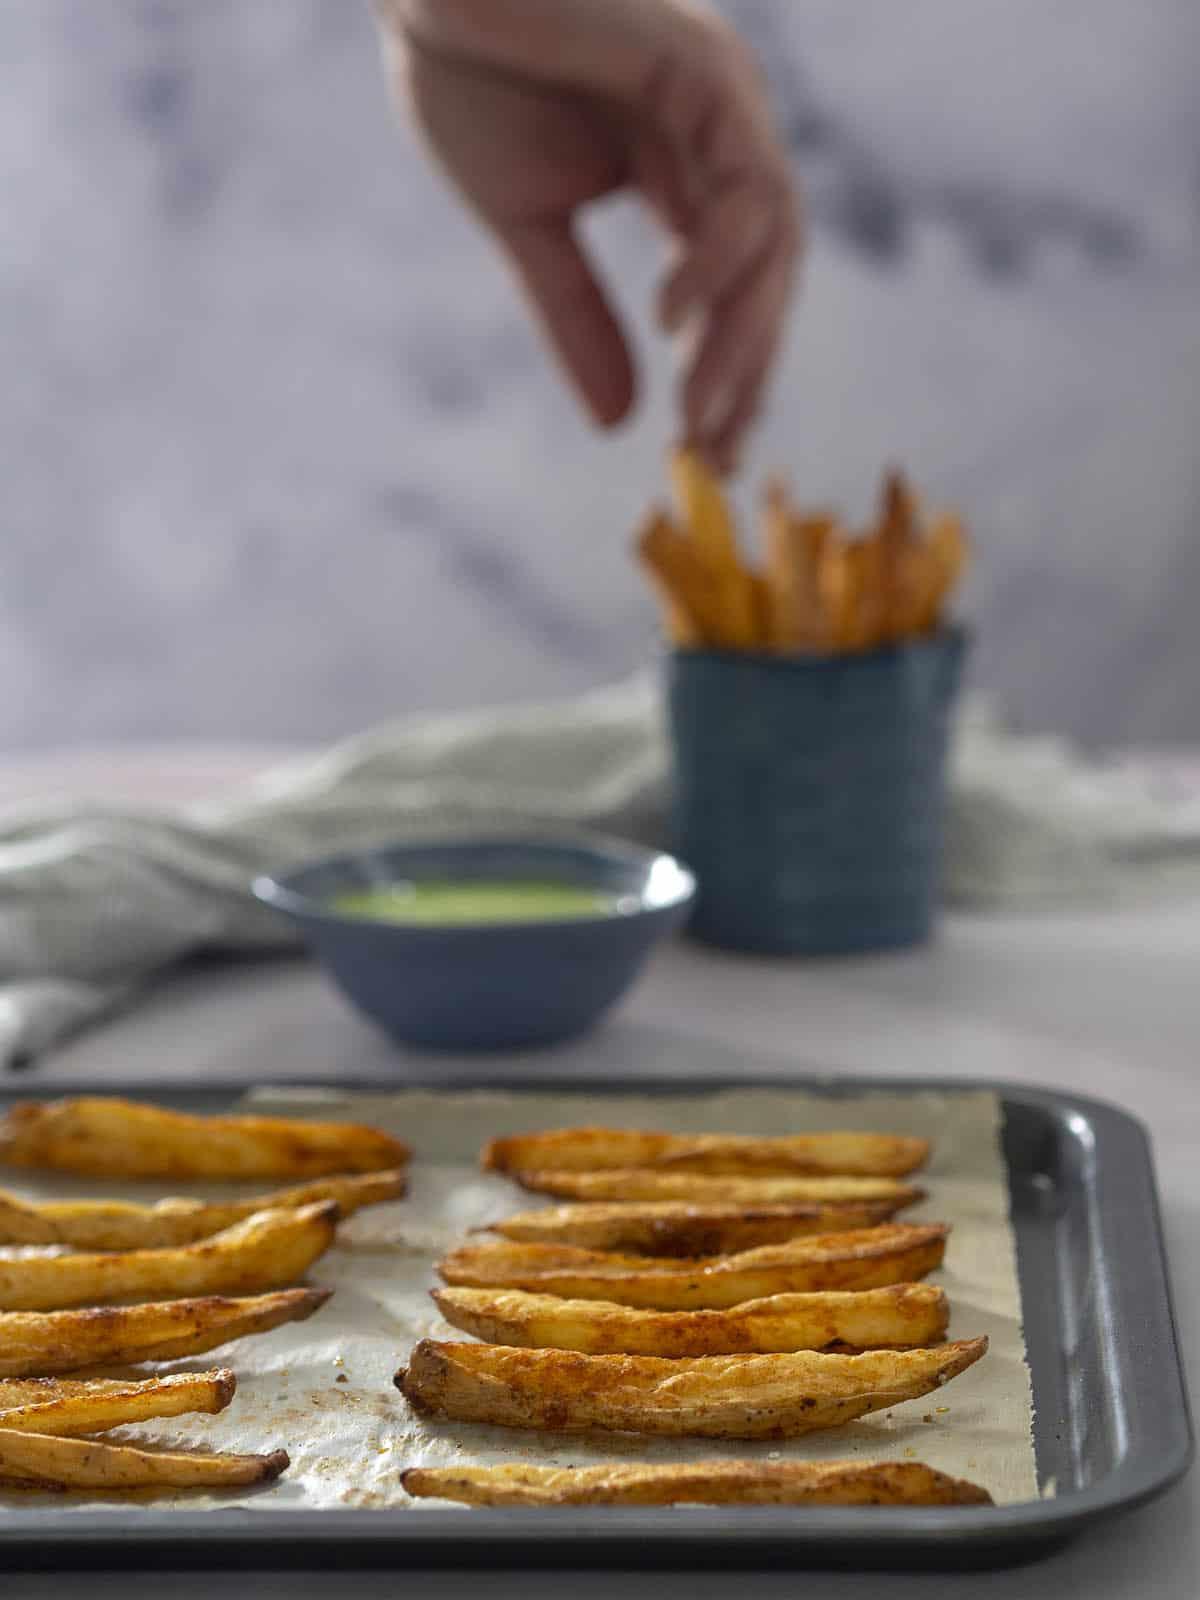 πατάτες σαν τηγανιτές στο φούρνο μαγιονέζα με wasabi